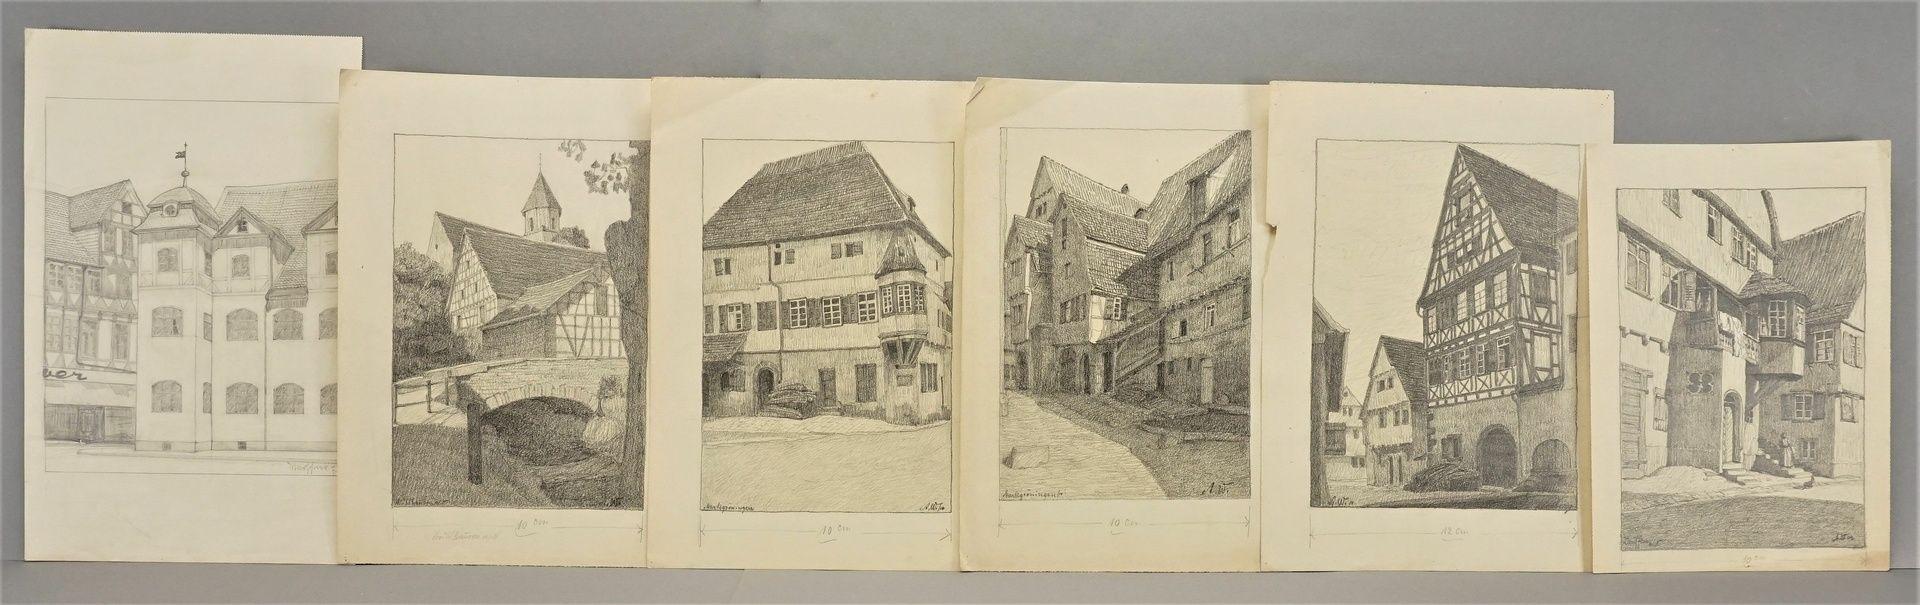 Sechs Handzeichnungen zu fränkischen Orten